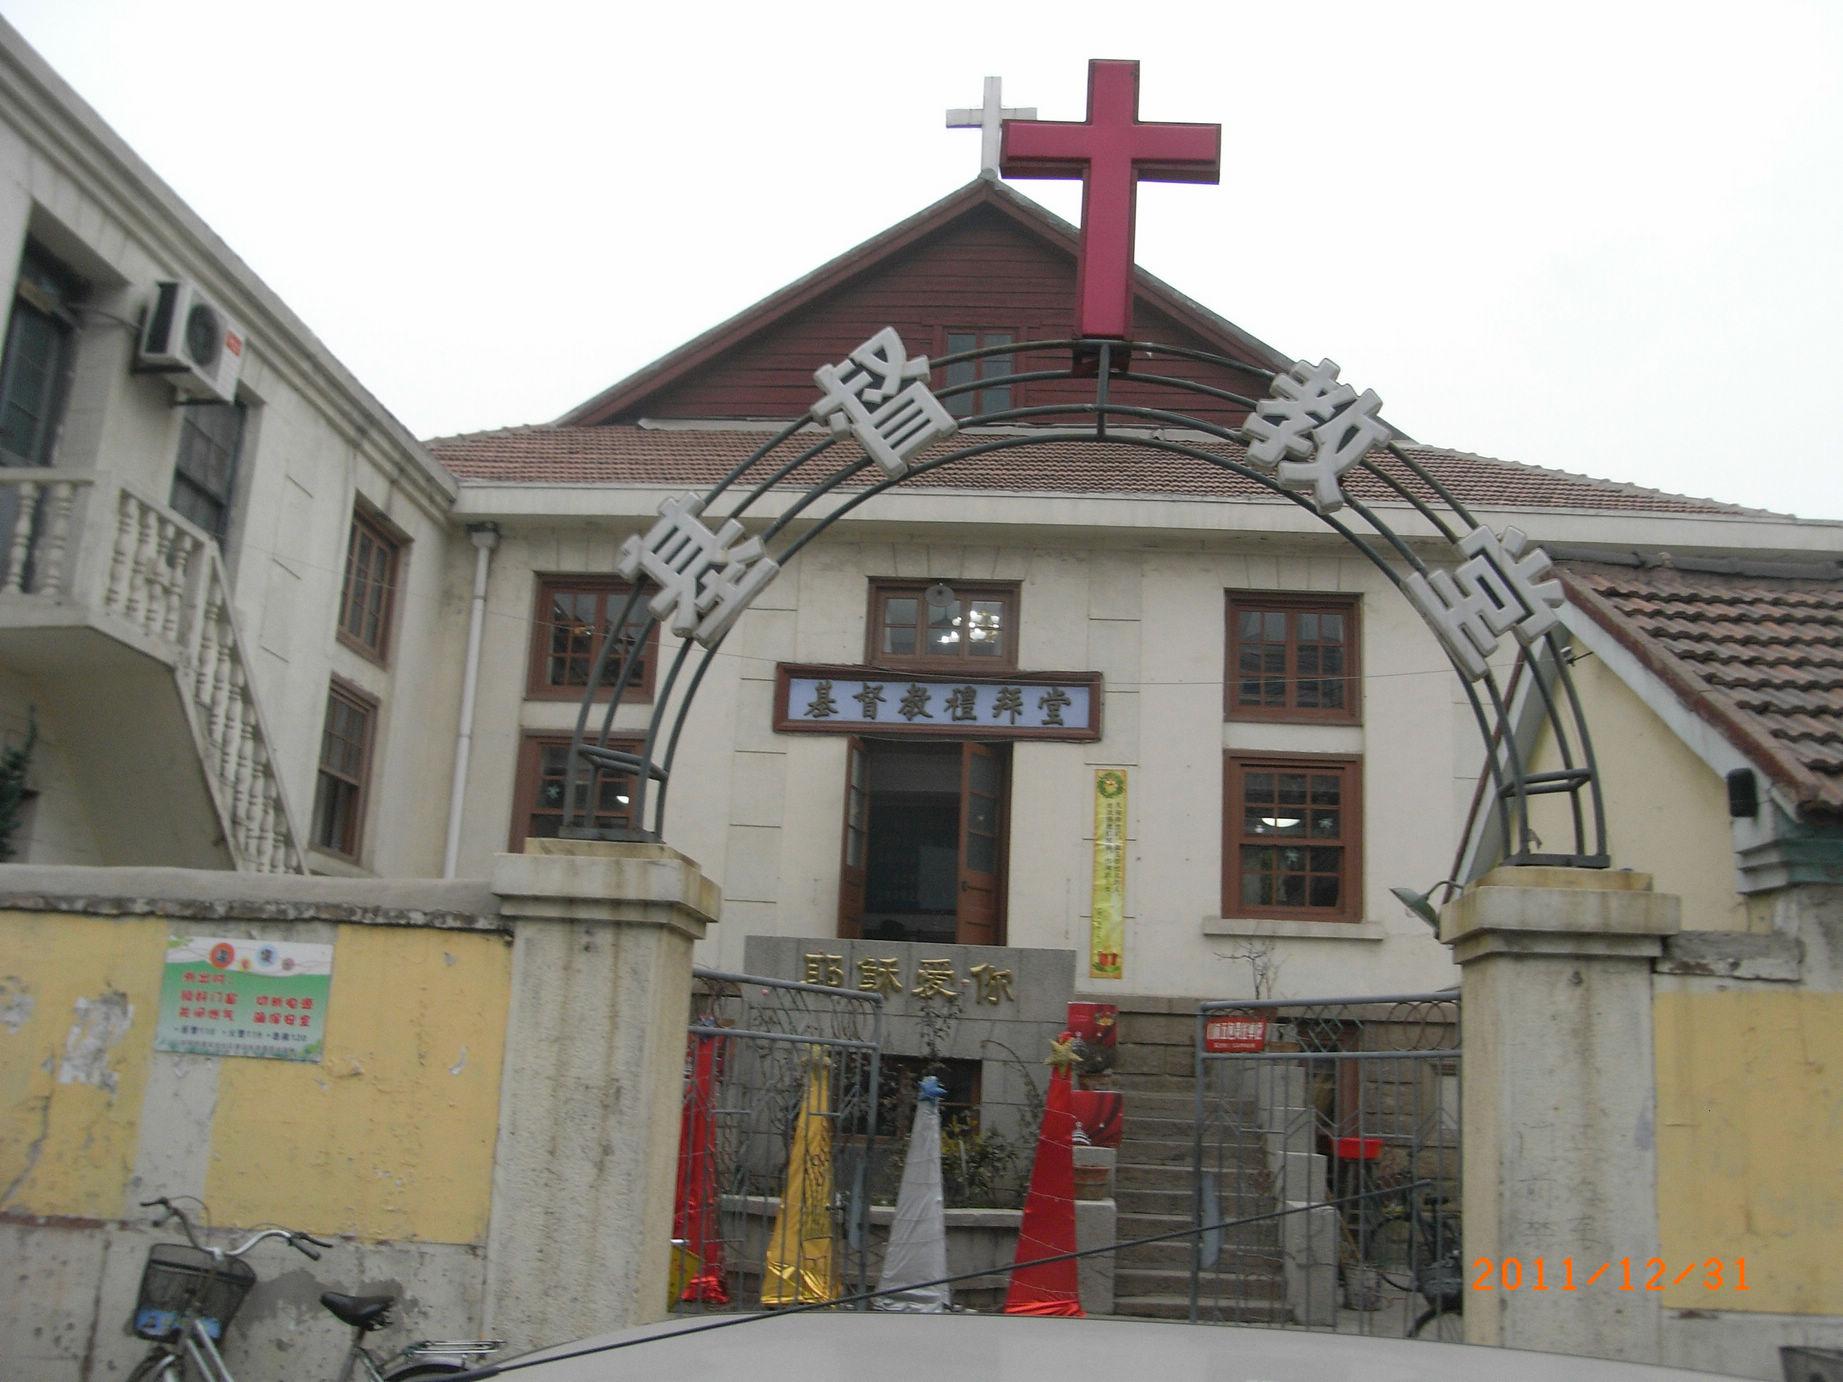 중국살면서 선교하려는 아줌마 때문에 열받은 이야기